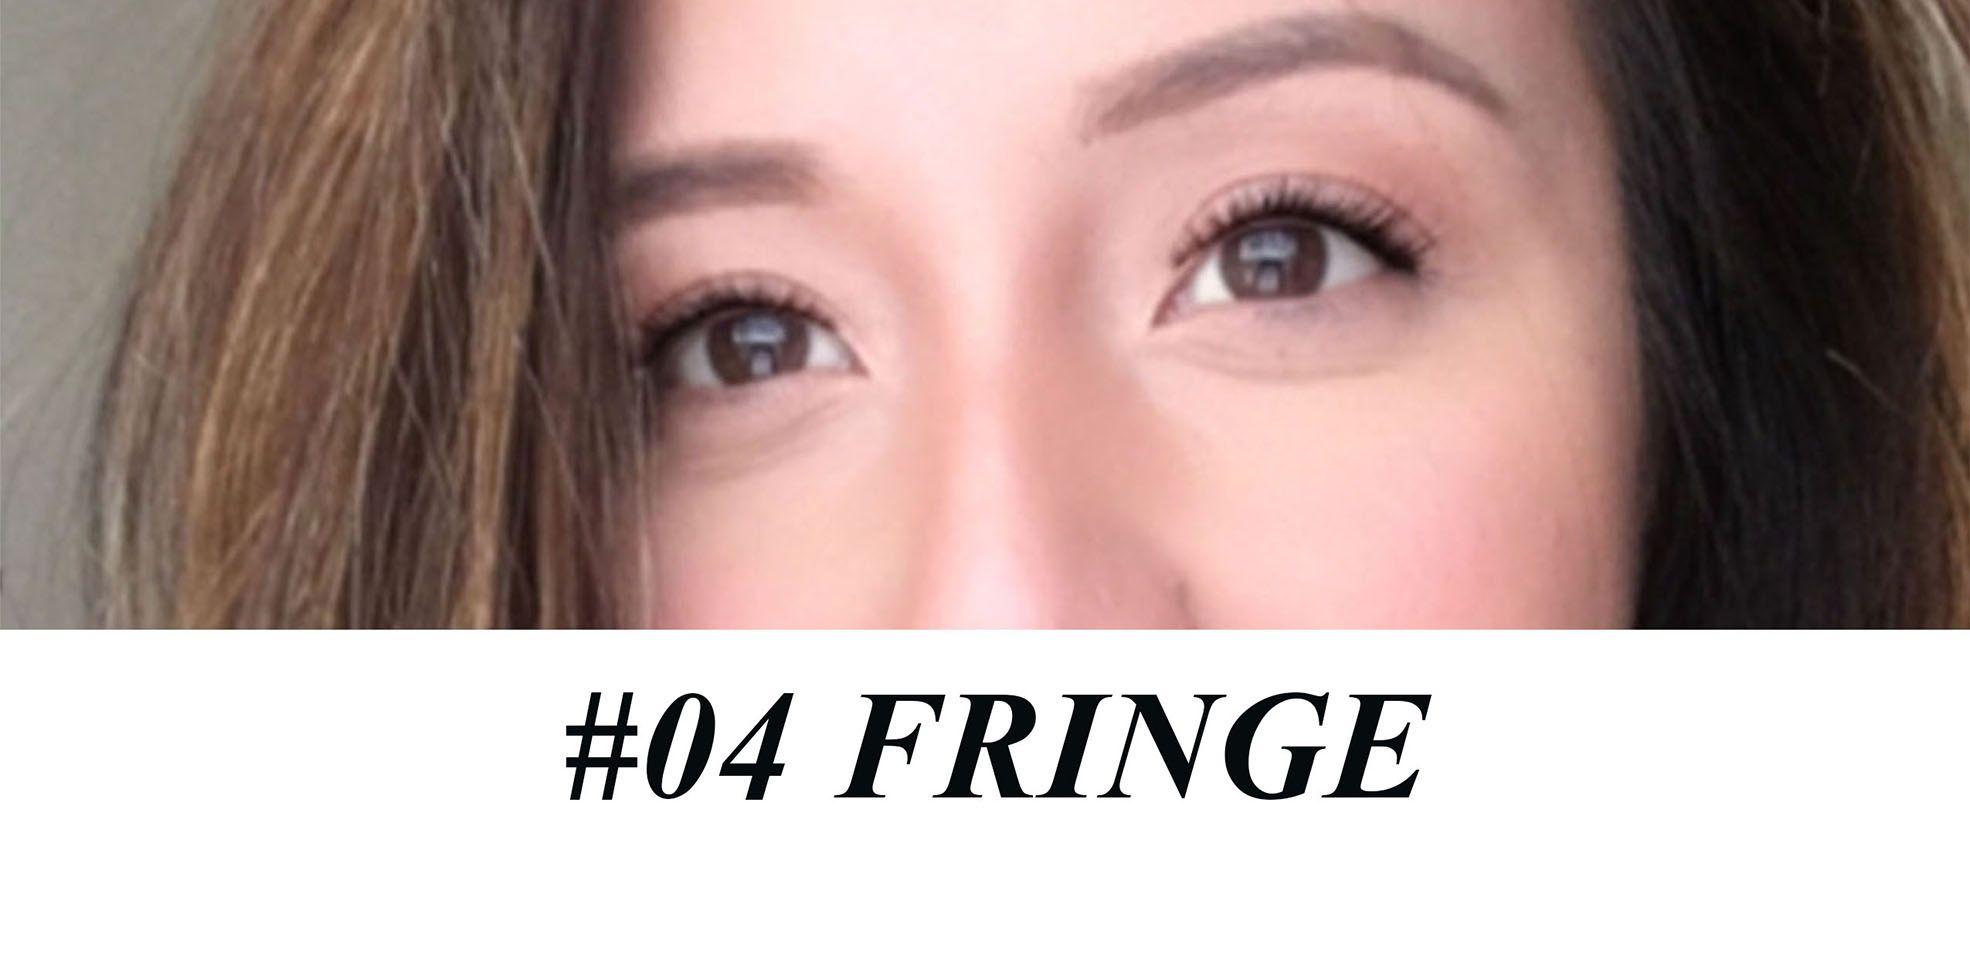 465dc119f51 App-First Sneak Peek 8/29 - Beauty Insider Community